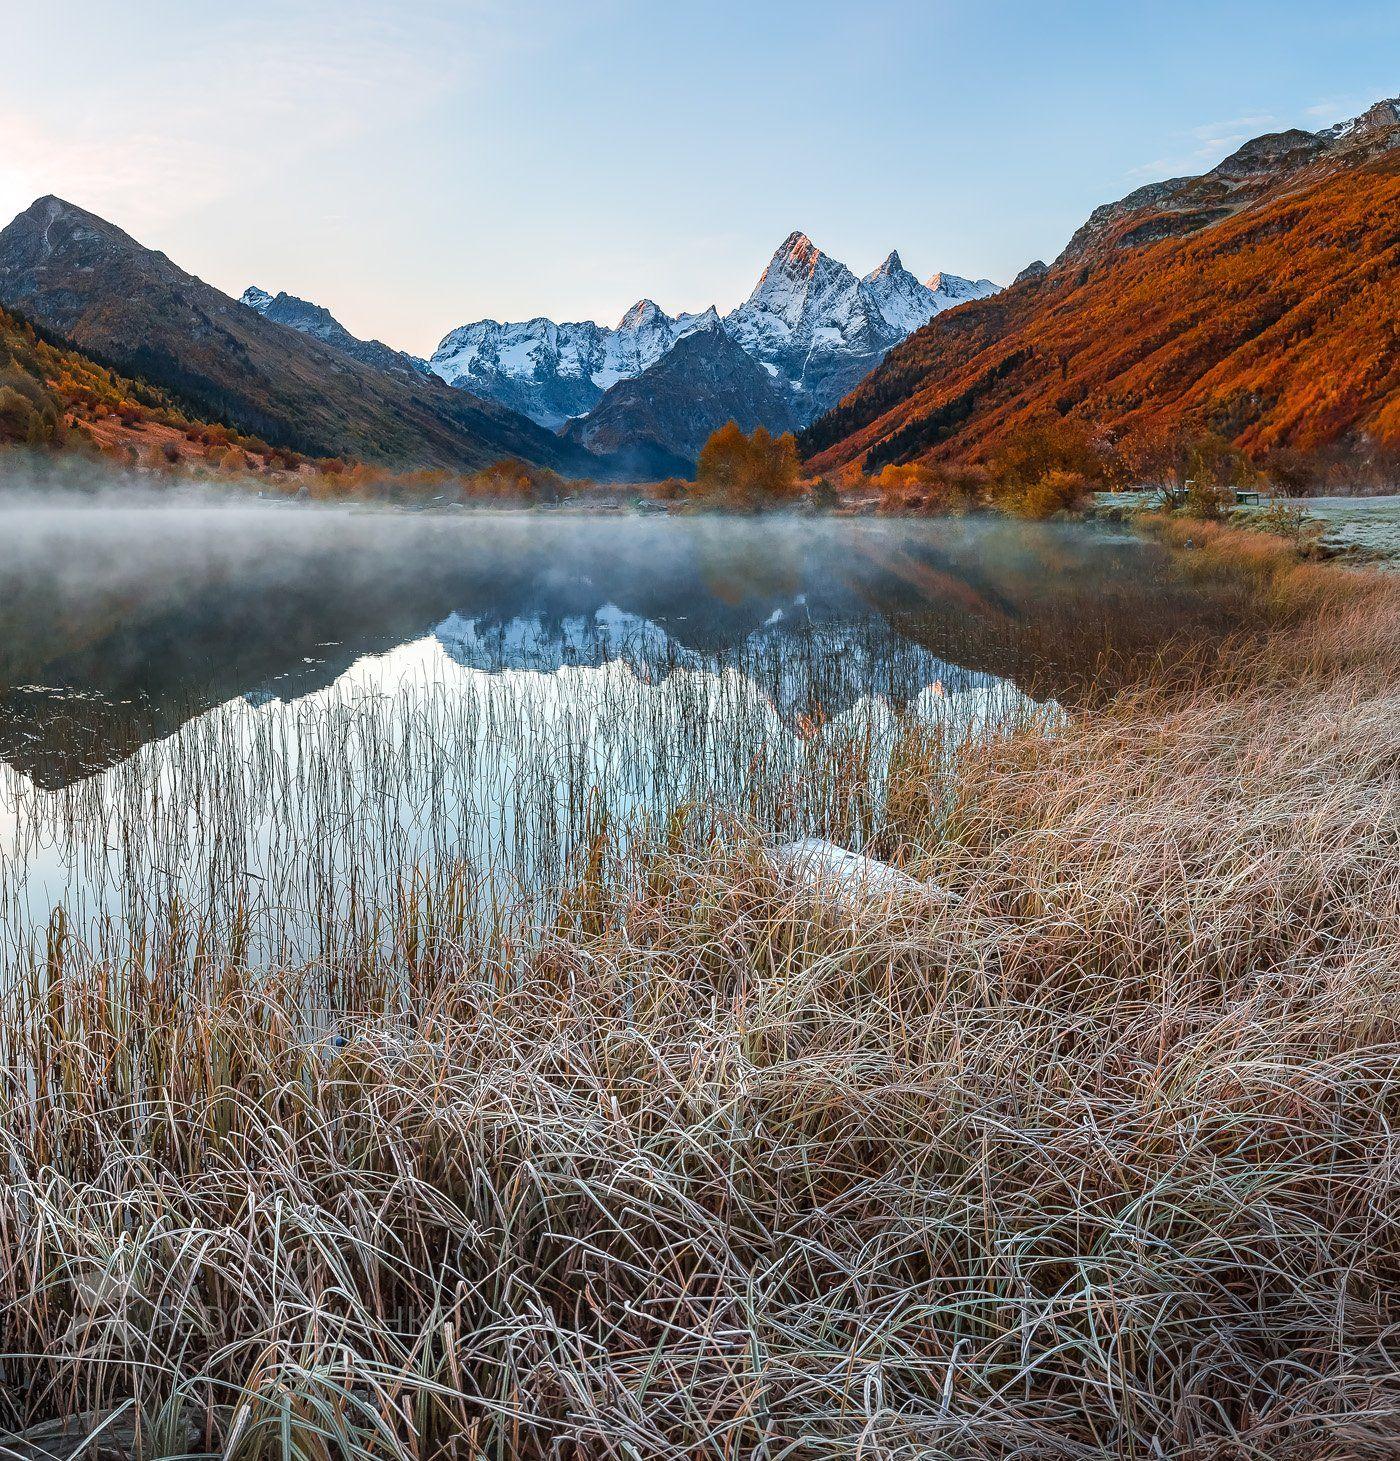 горы, гора, домбай, иней, рассвет, осень, гоначхирском ущелье, туманлы-кель, озеро, водоём, заря, тебердинский государственный природный биосферный заповедник, кавказ, хребет, вершина, трава,, Лашков Фёдор